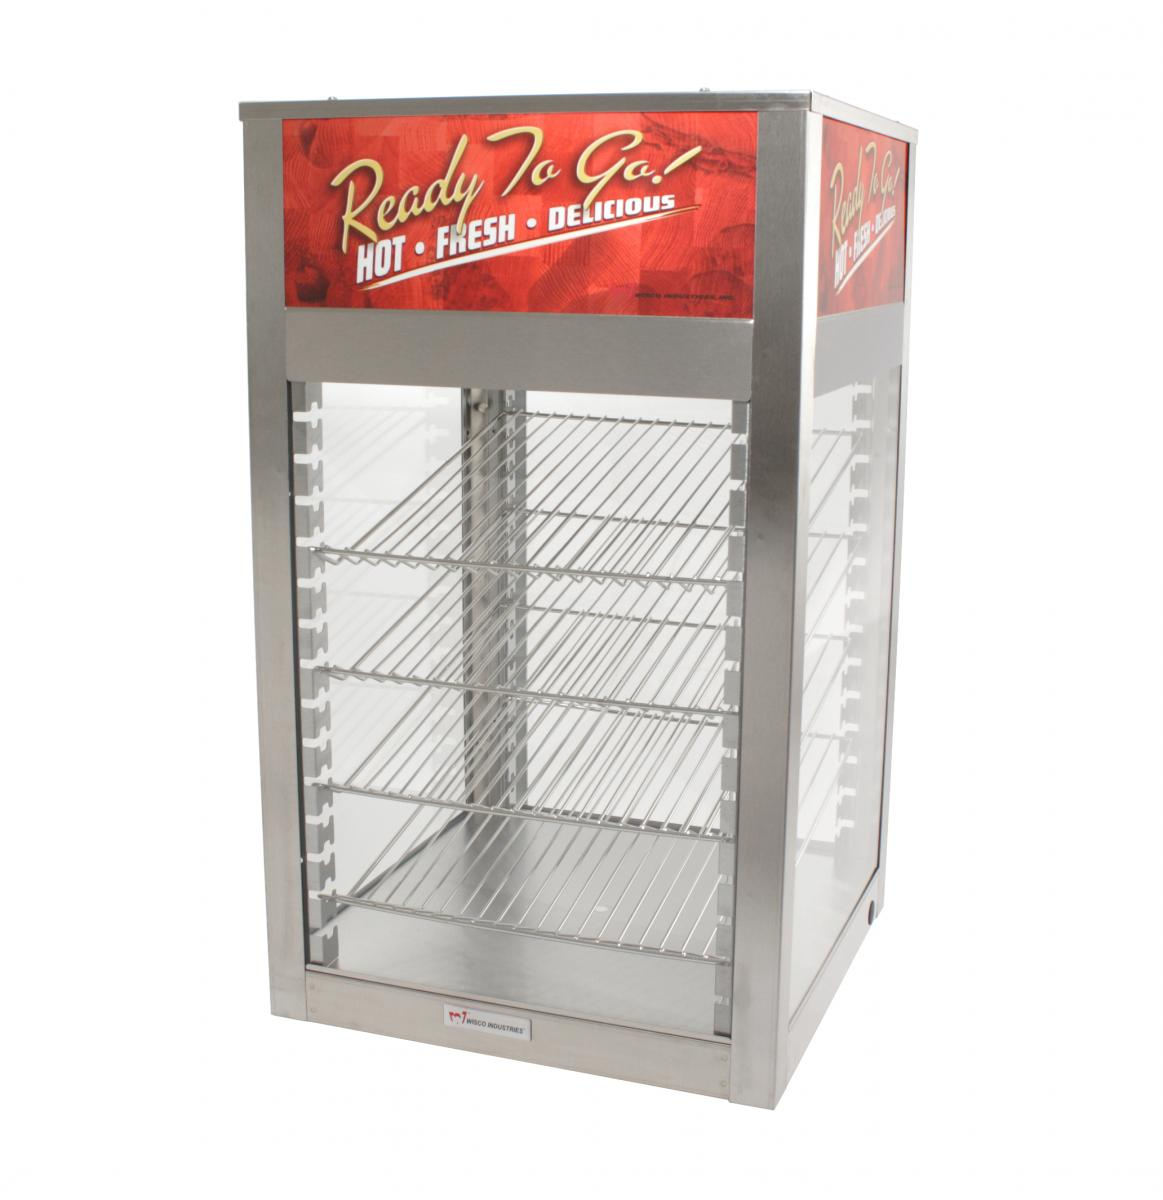 Wisco 695D-S Single Door Merchandiser/Warmer with 4 Shelves  sc 1 st  FoodPros & Wisco 695D-S Single Door Merchandiser/Warmer with 4 Shelves | FoodPros